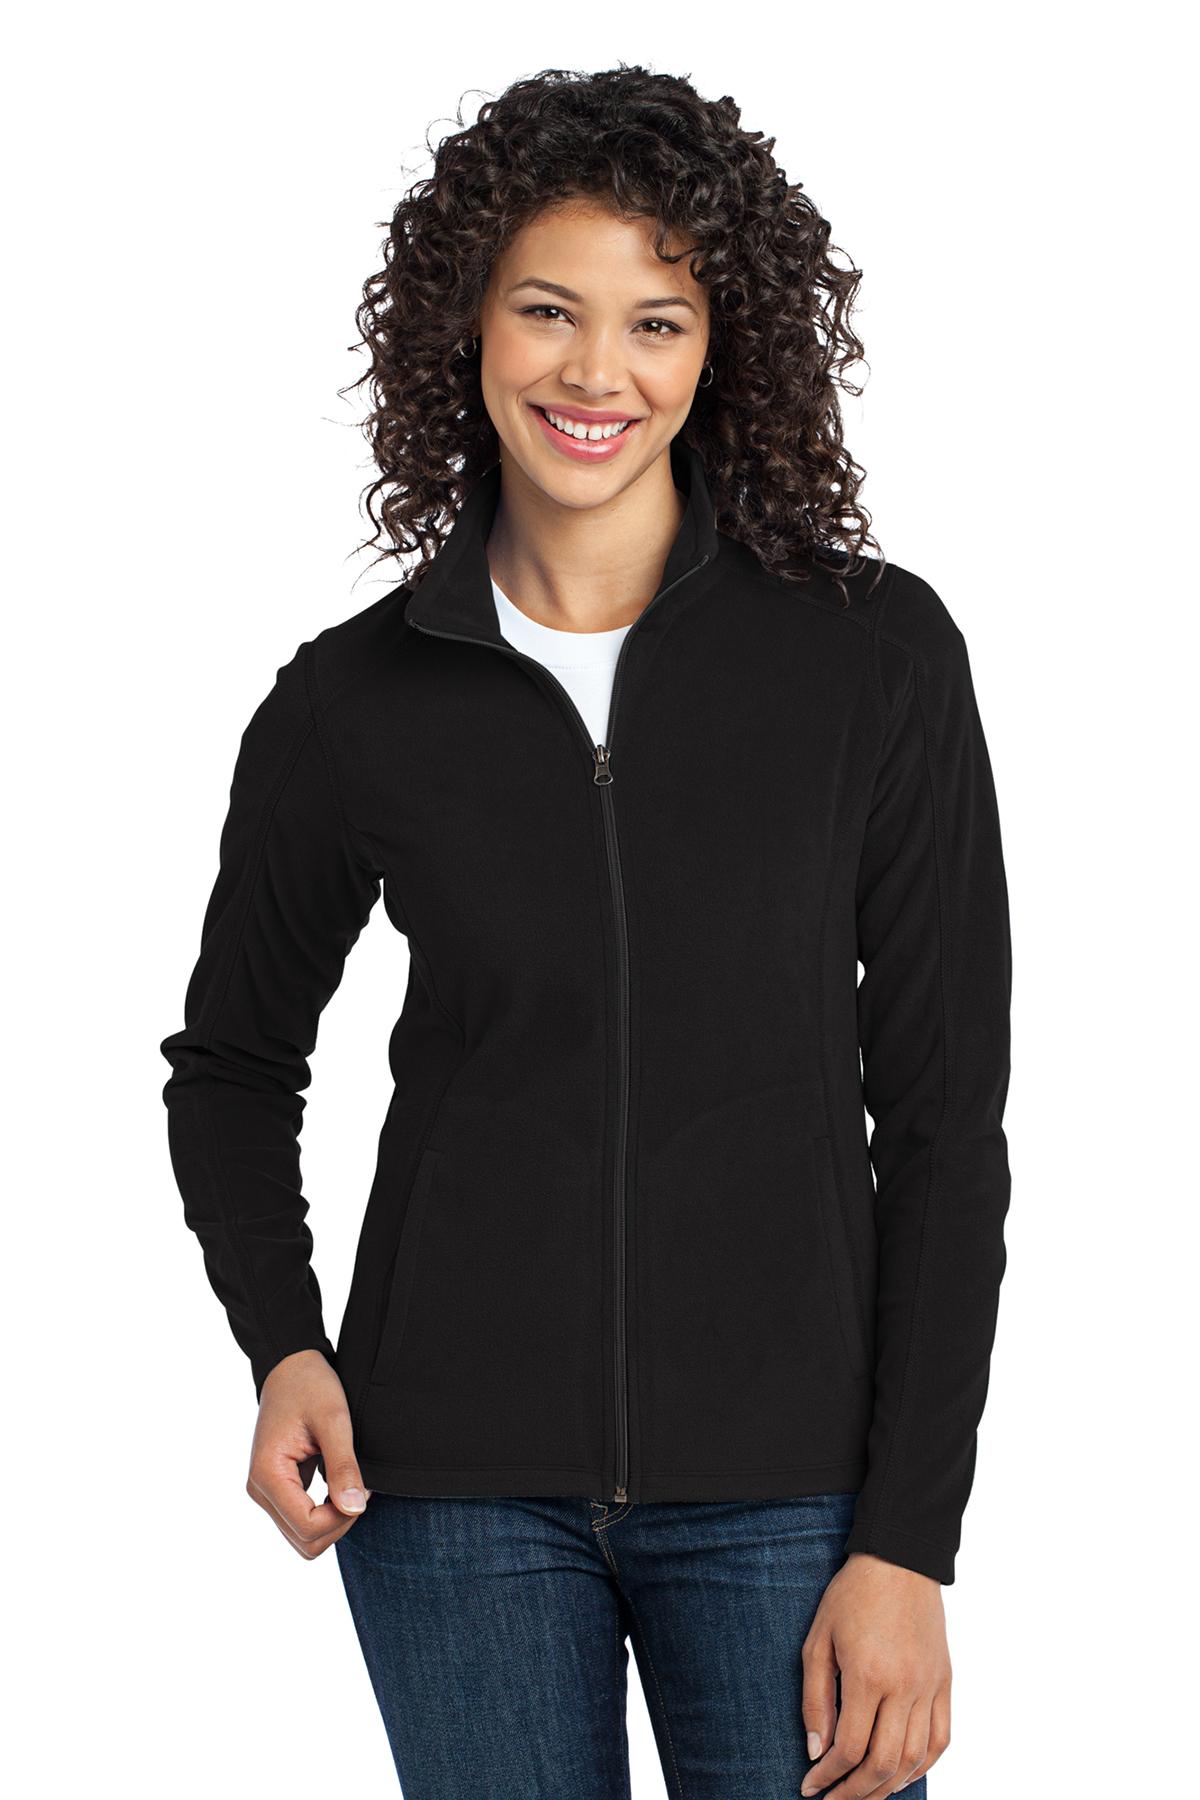 Port Authority® L223 Ladies Microfleece Jacket